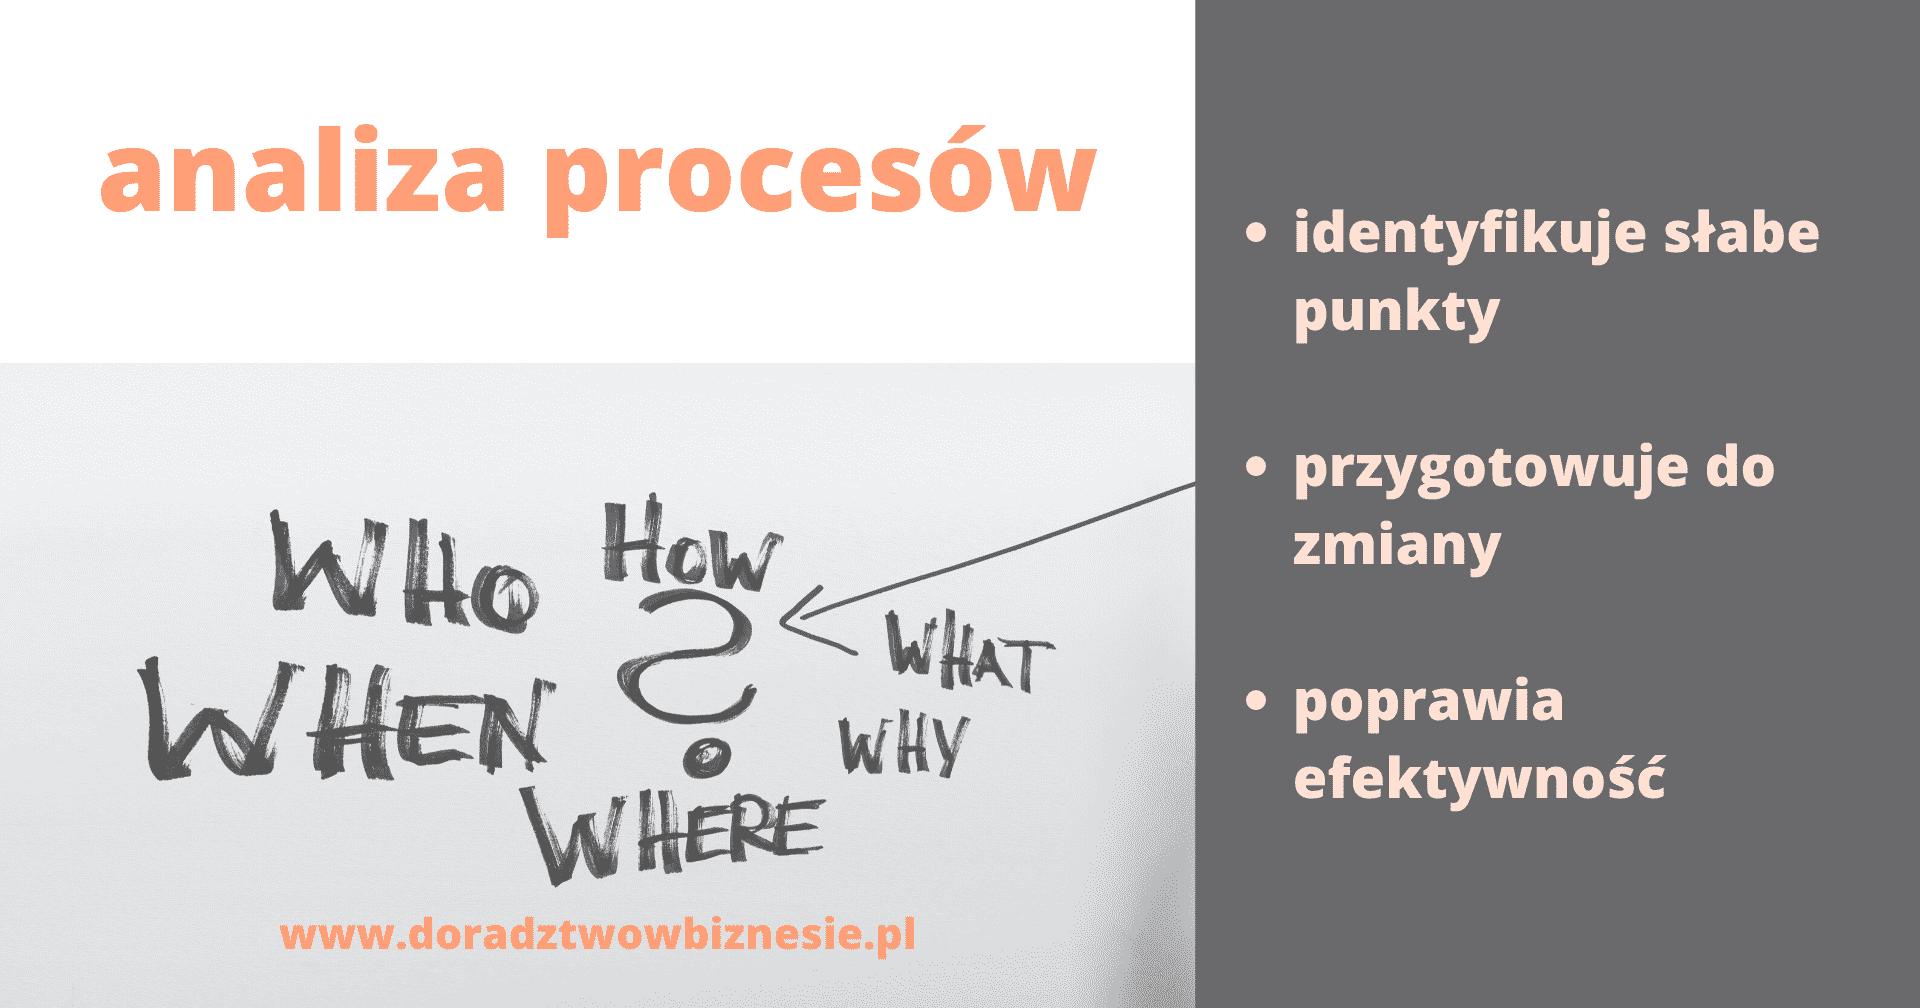 analiza procesów biznesowych